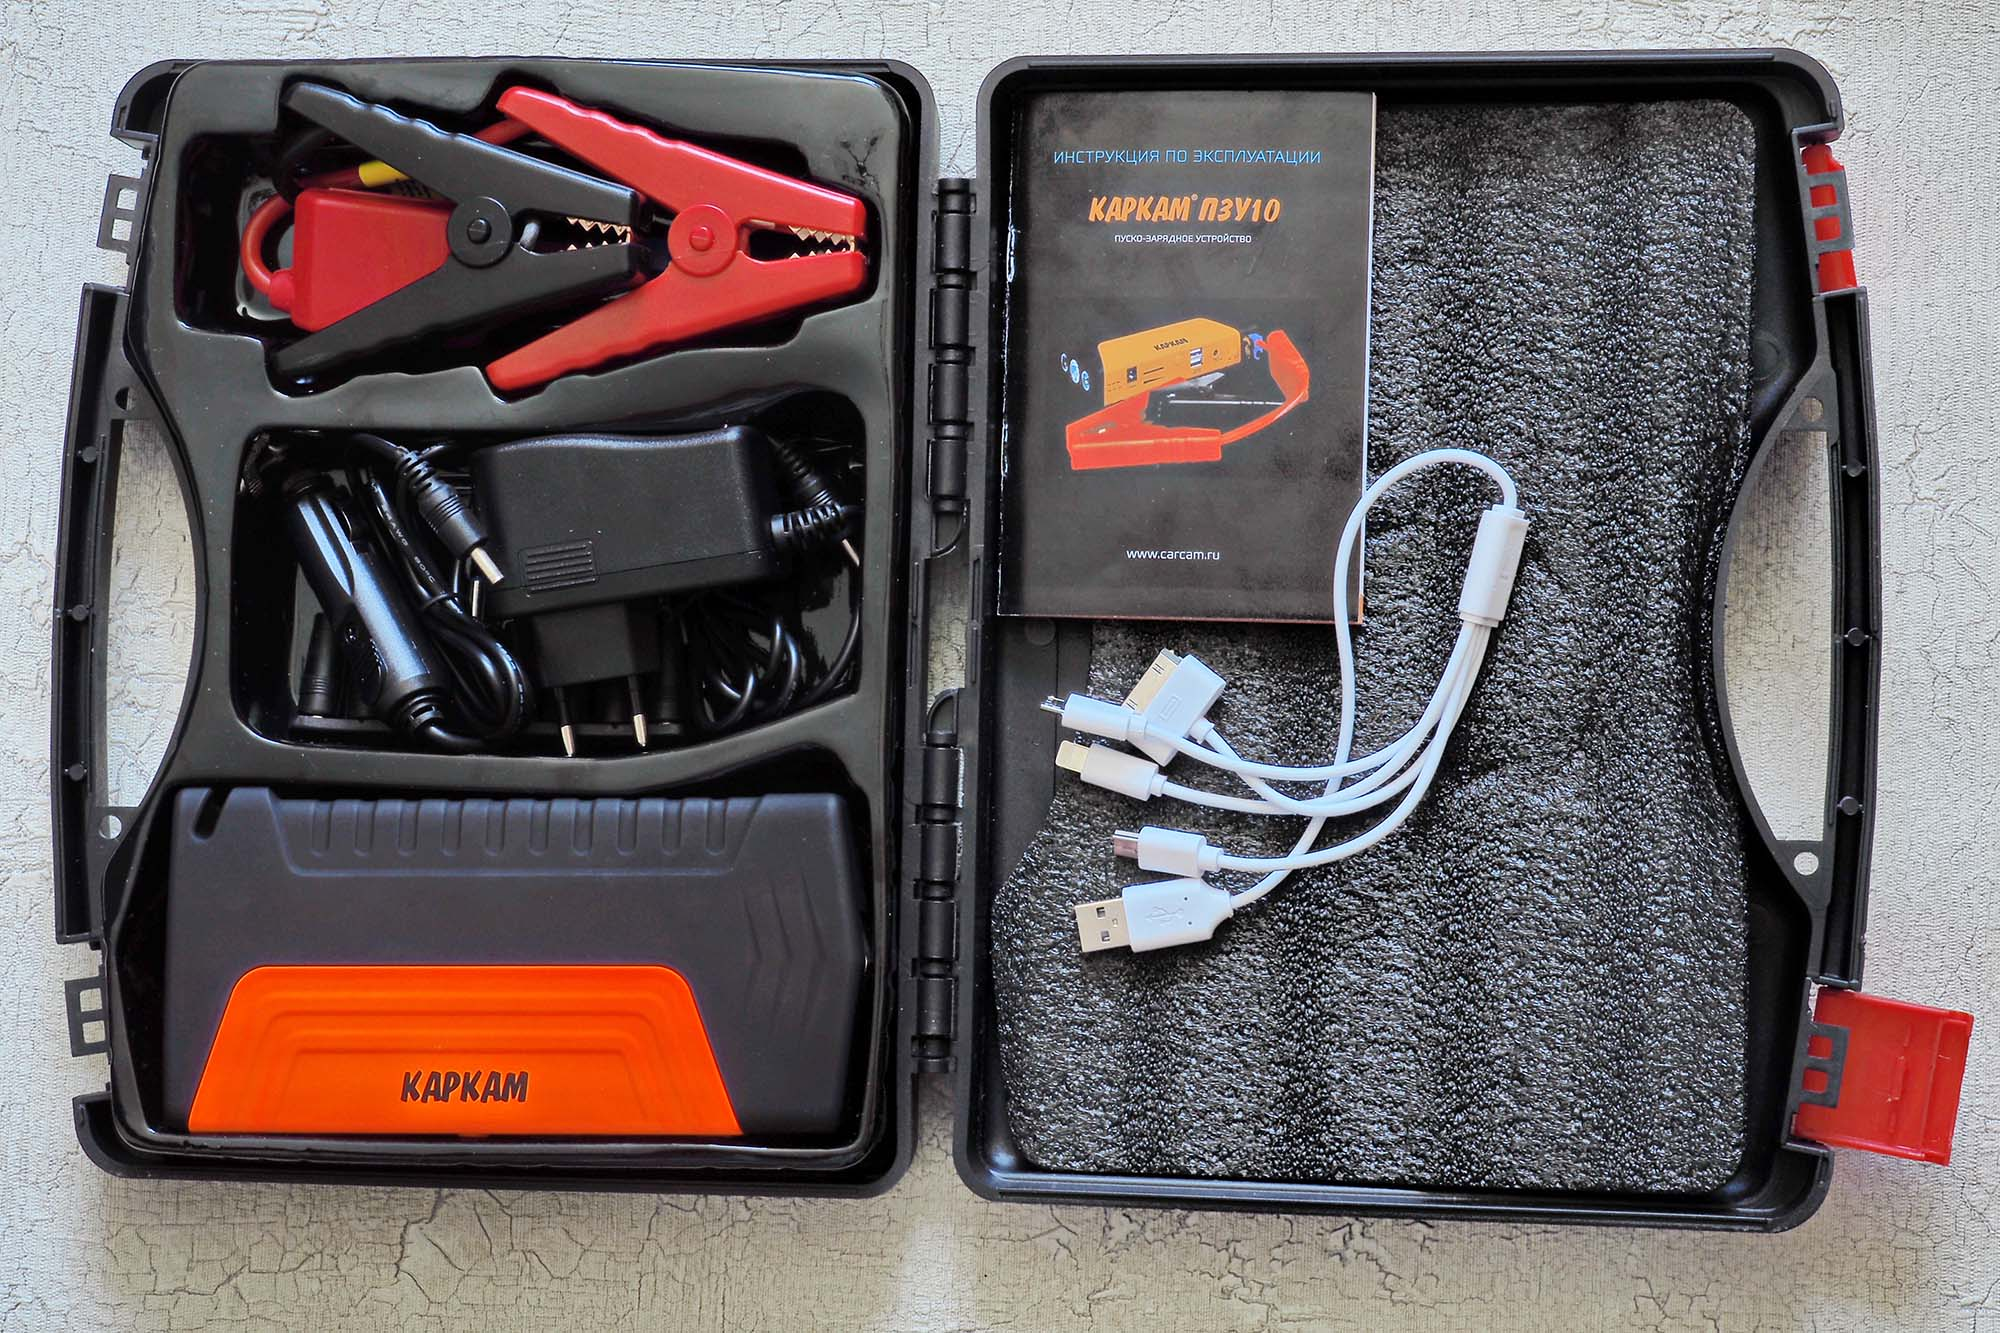 Пуско зарядное устройство: виды,применение,фото,функции